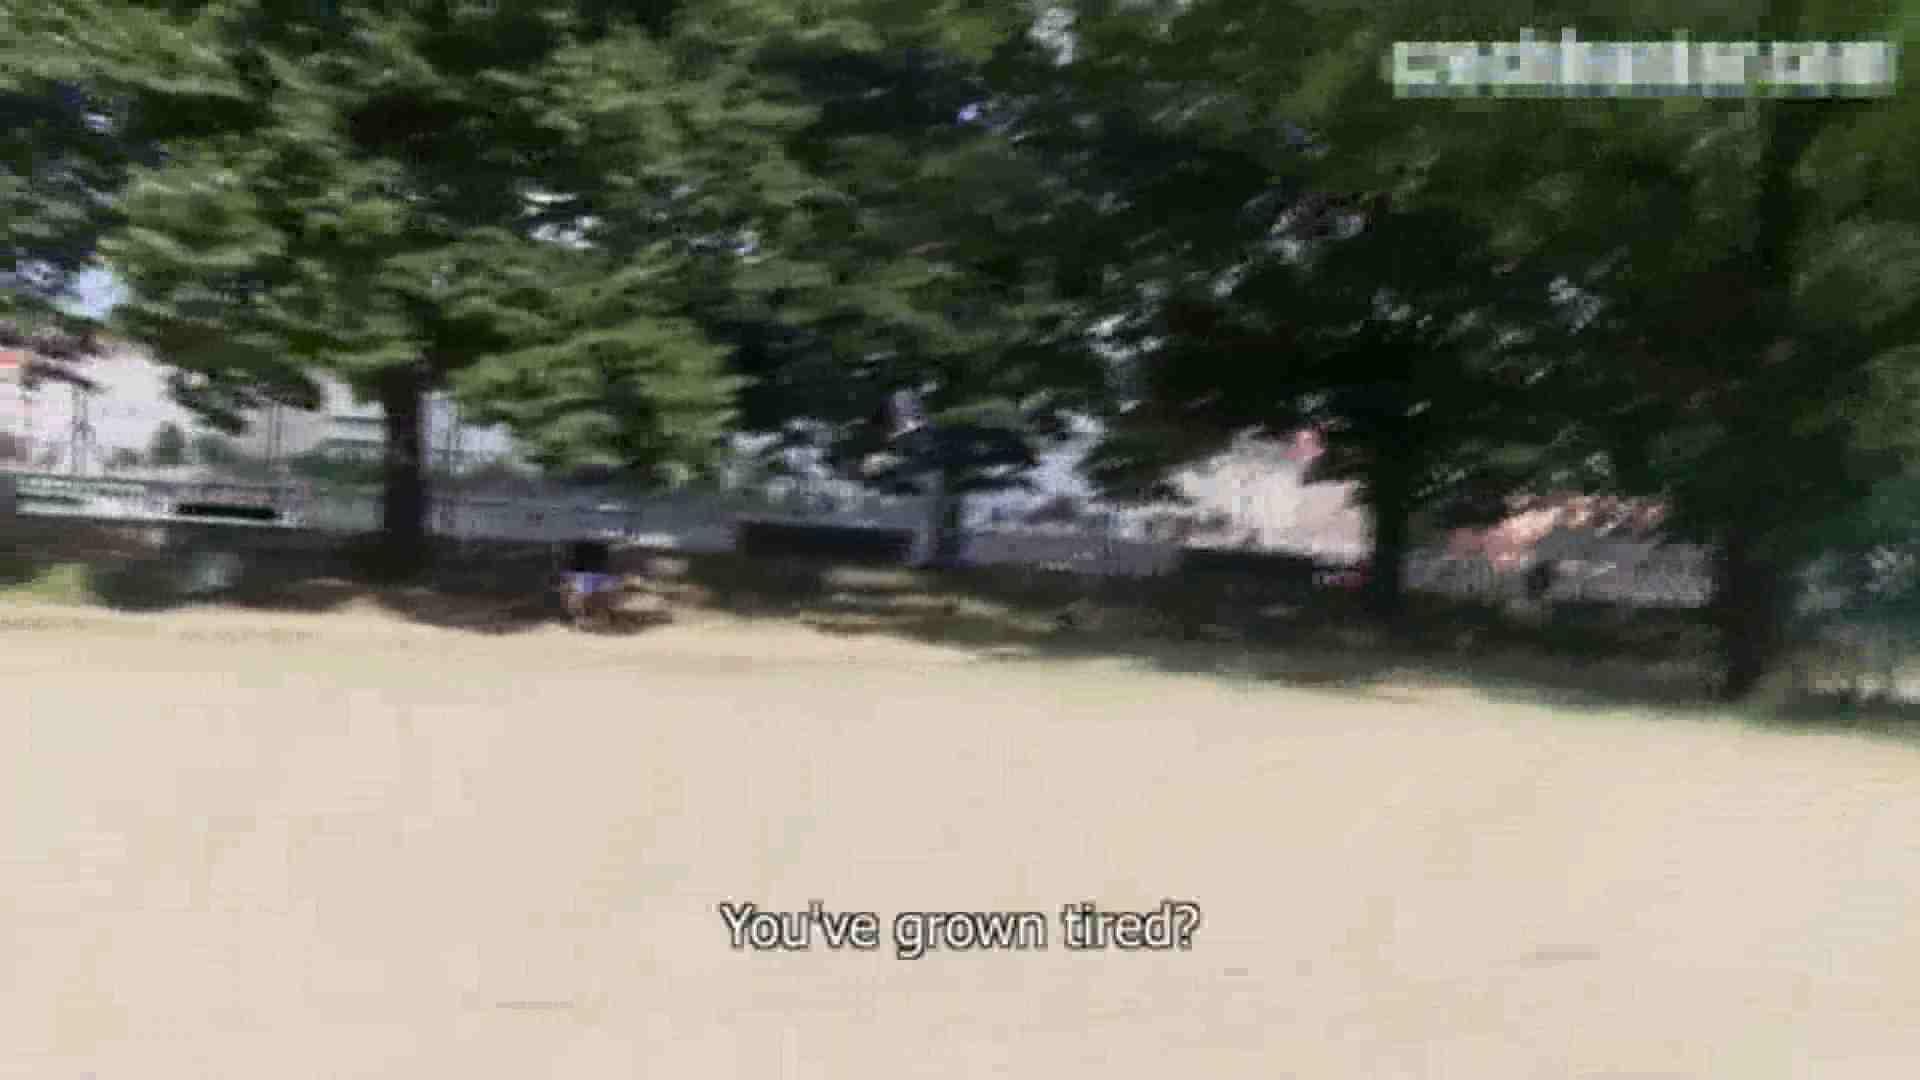 ユーロナンパ!イケメン外人さんGET!!Season4 vol06 私服がかっこいい ゲイエロビデオ画像 106枚 6